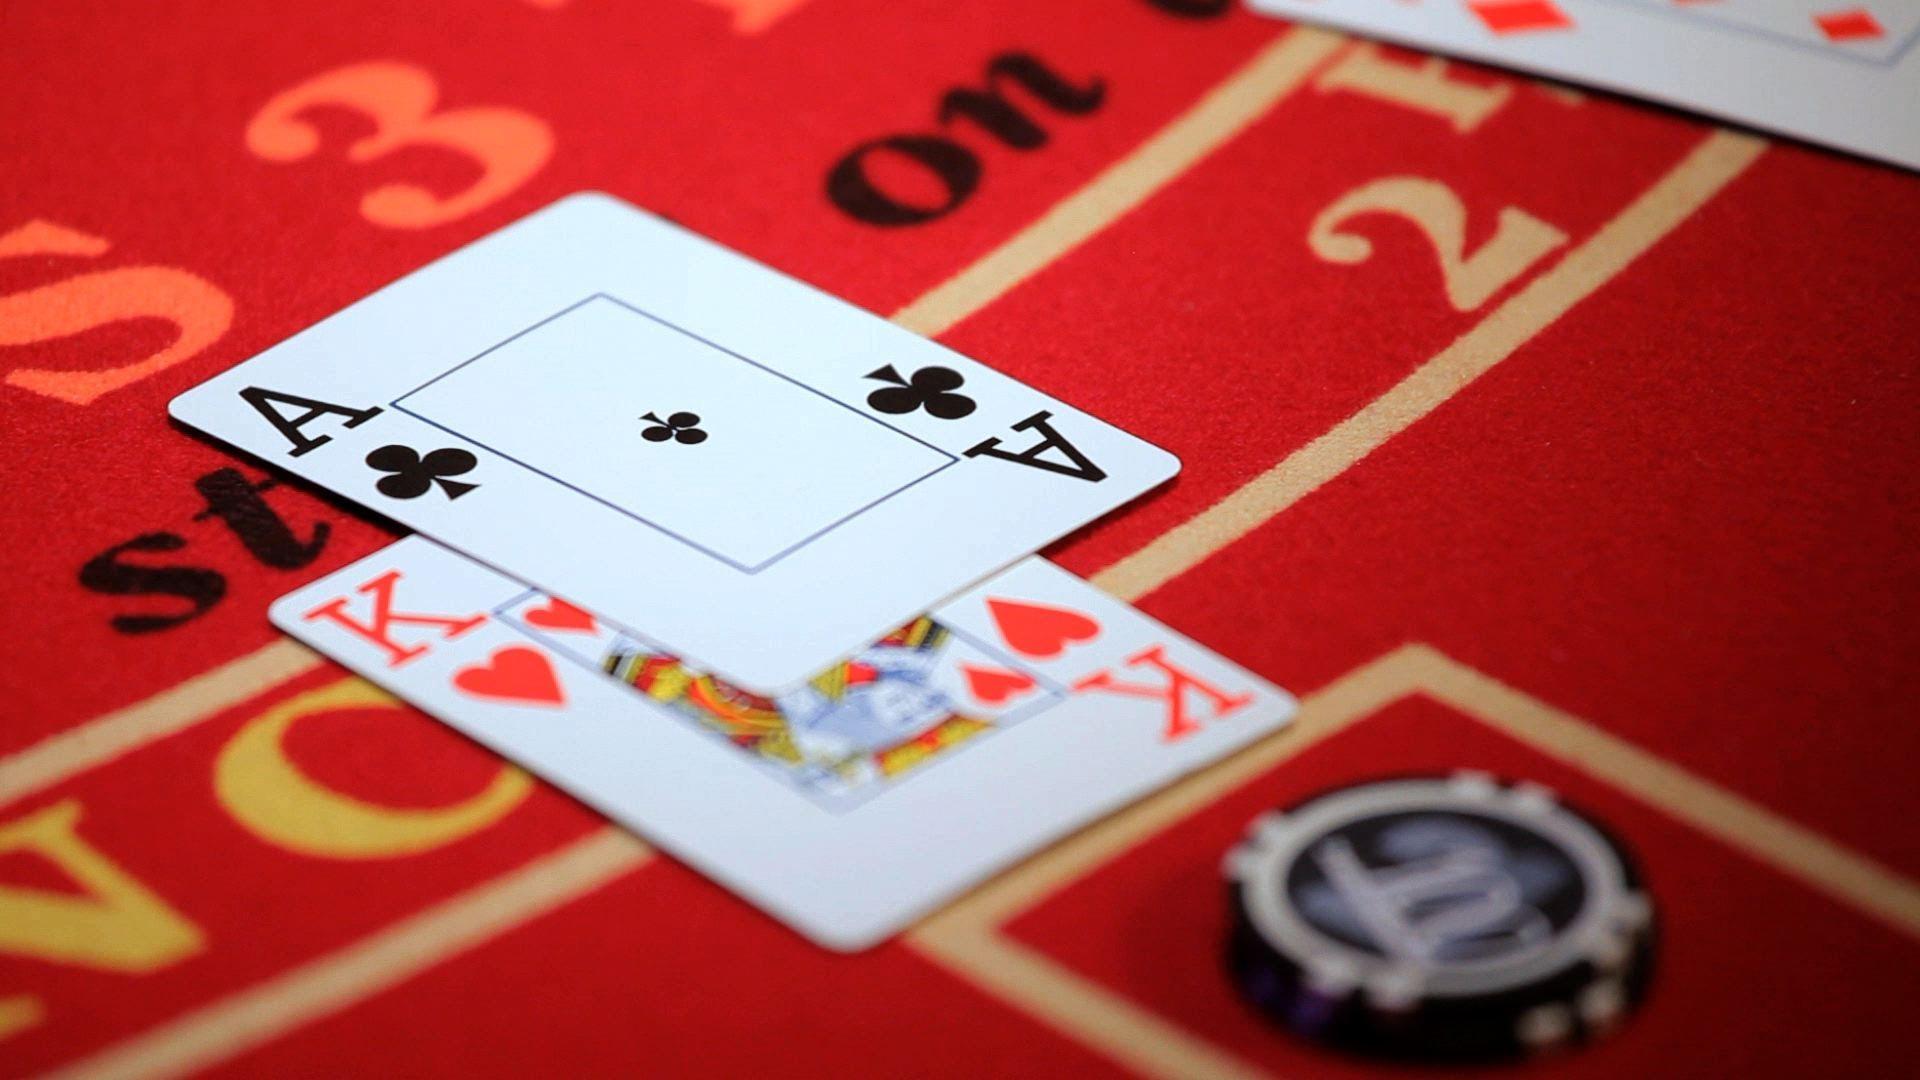 Des renseignements sur les jeux de casino et le black jack